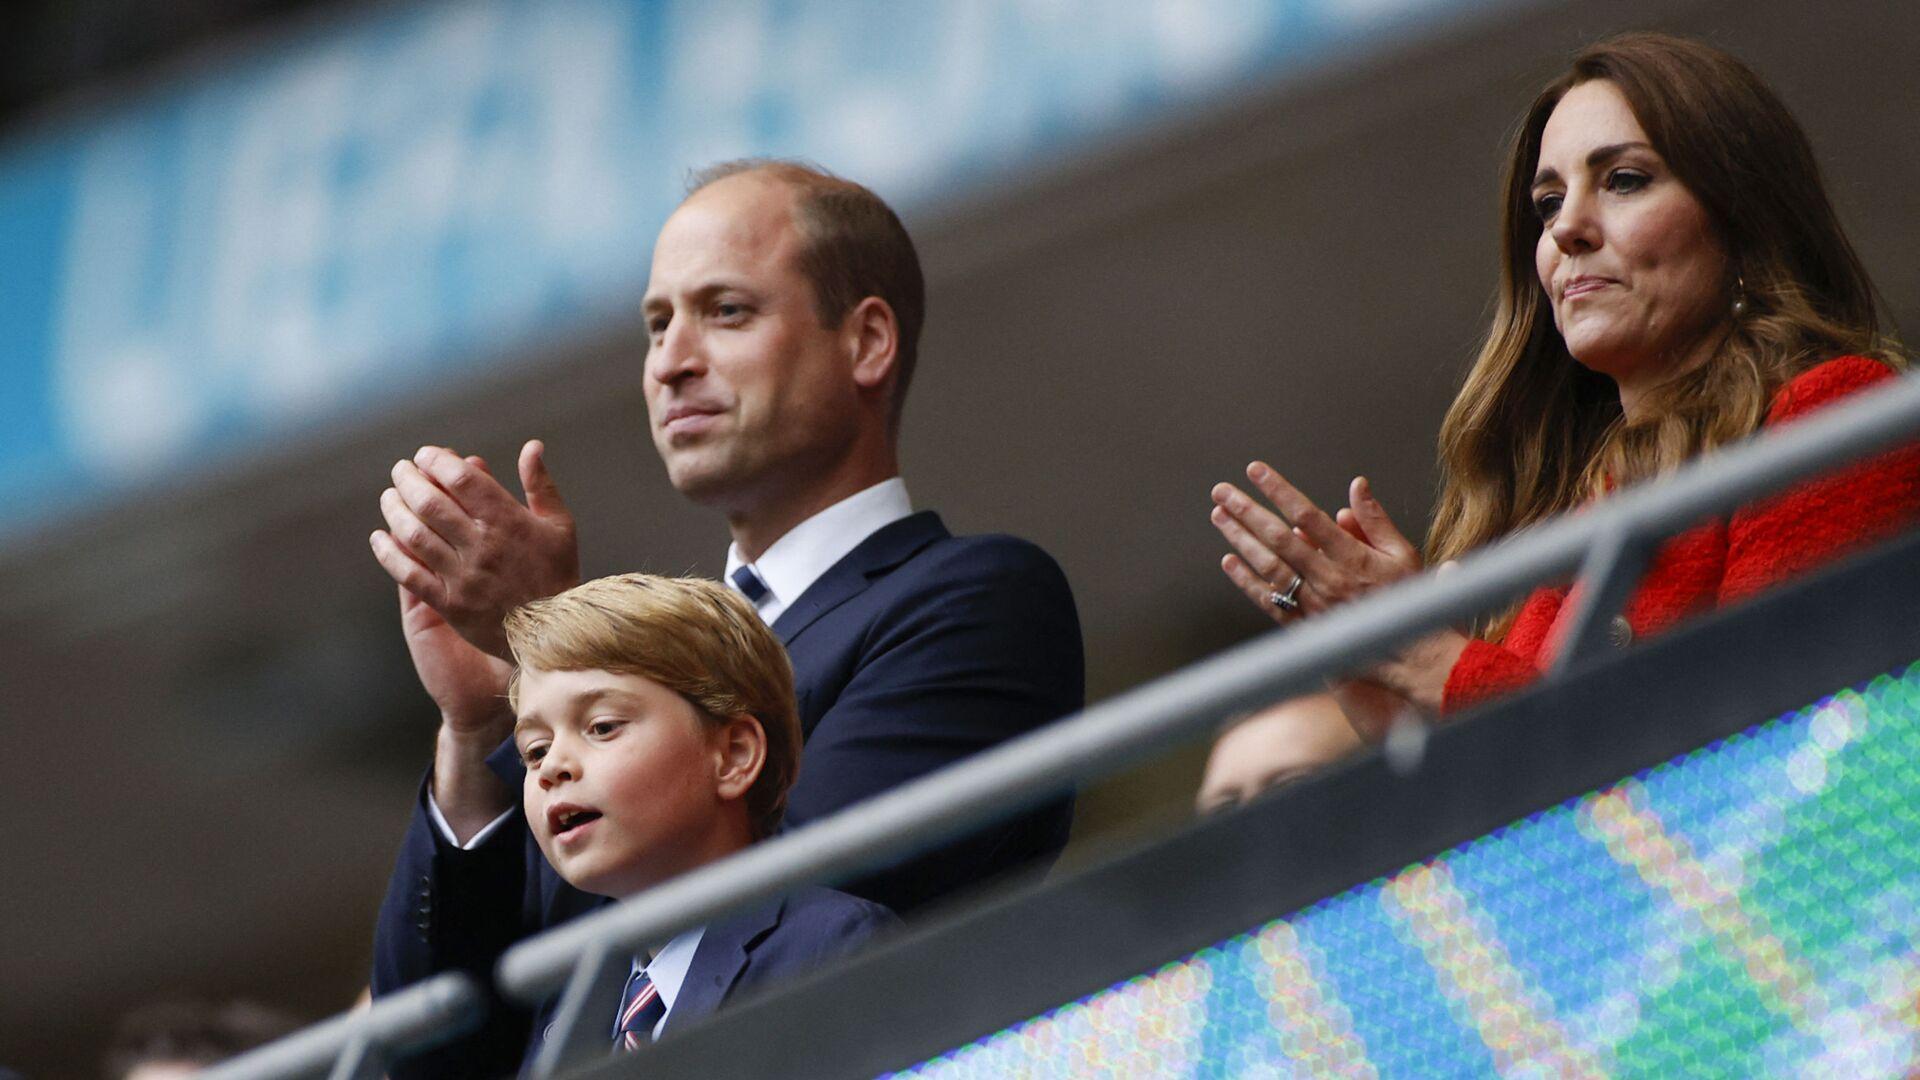 Princ William a vévodkyně z Cambridge se svým synem slaví vítězství ve fotbalovém zápase UEFA EURO 2020 na stadionu Wembley v Londýně - Sputnik Česká republika, 1920, 14.10.2021